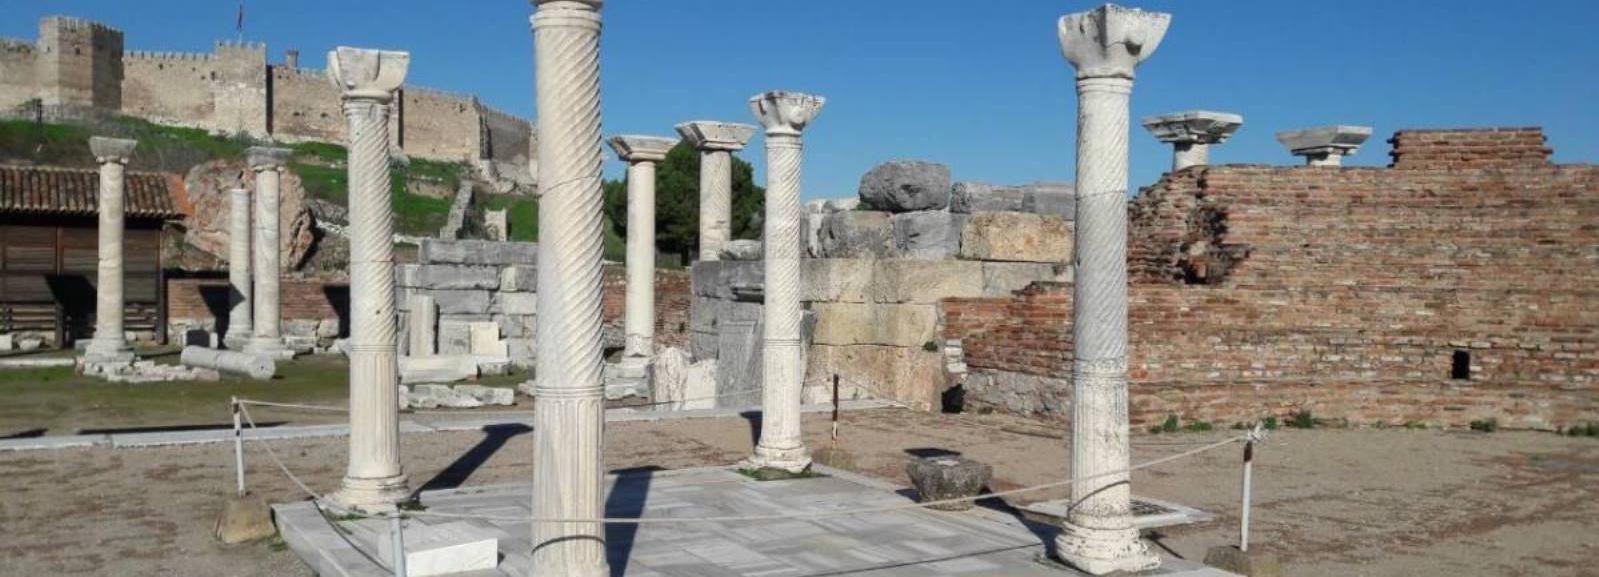 Full-Day Biblical Ephesus Tour